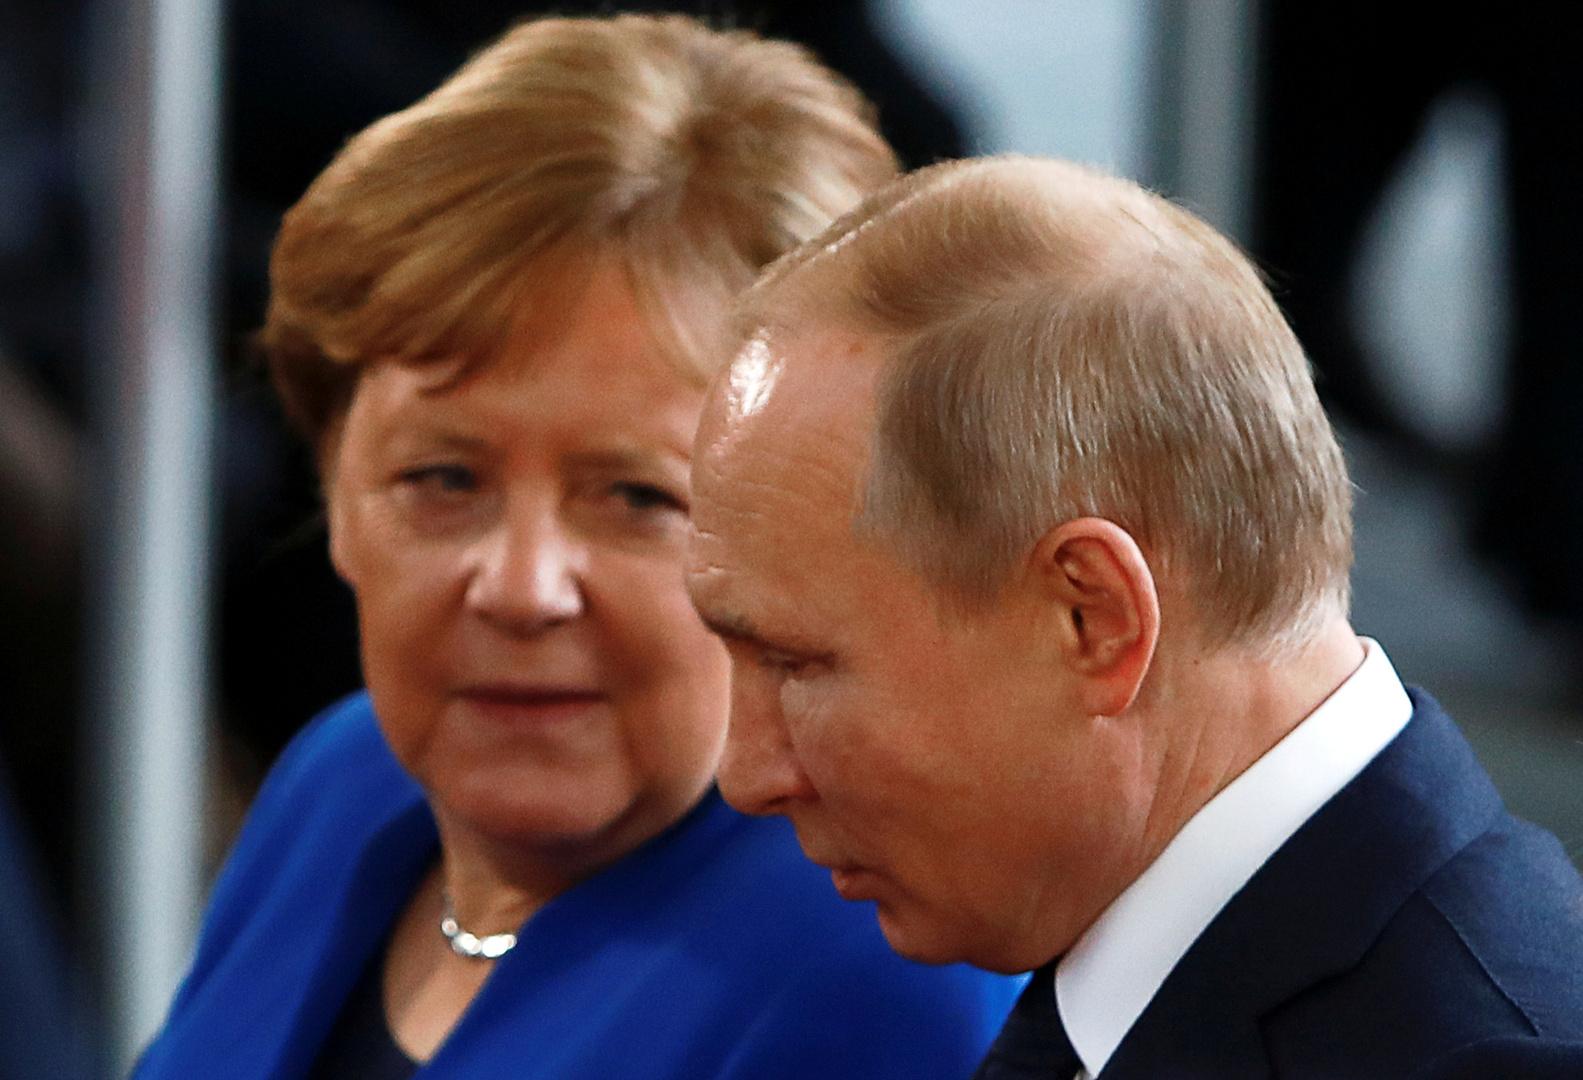 الأنغلوساكسونيون يدفعون برلين إلى عقوبات جديدة ضد روسيا